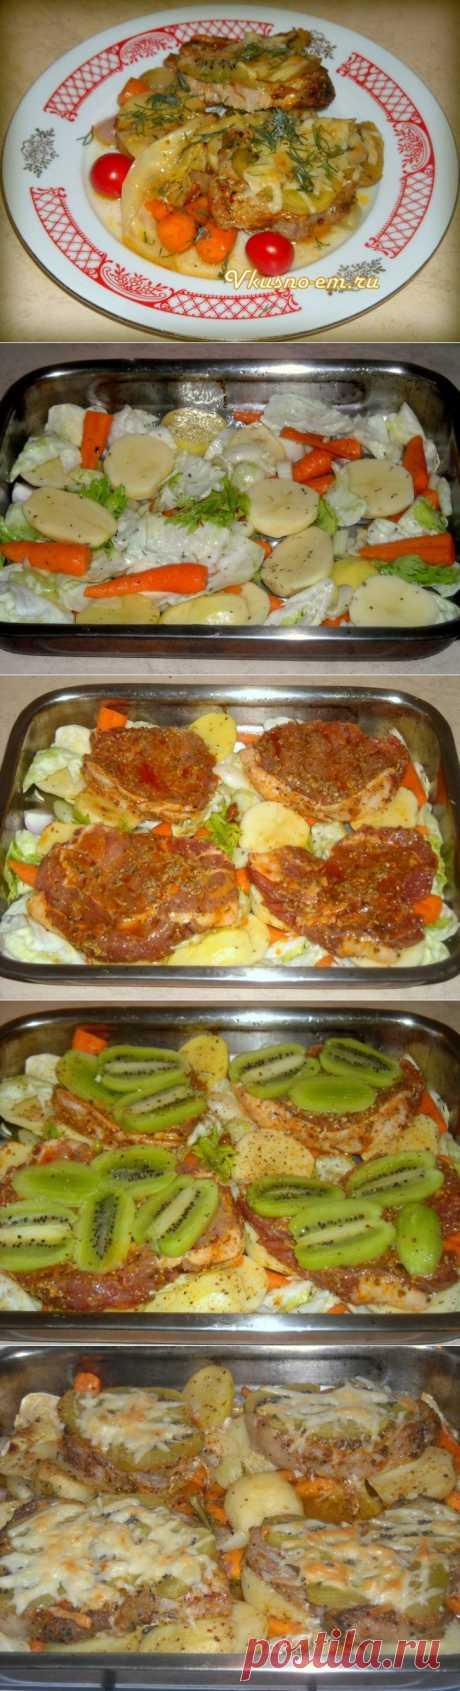 (+1) - Мясо, запеченное с киви и овощами | Любимые рецепты